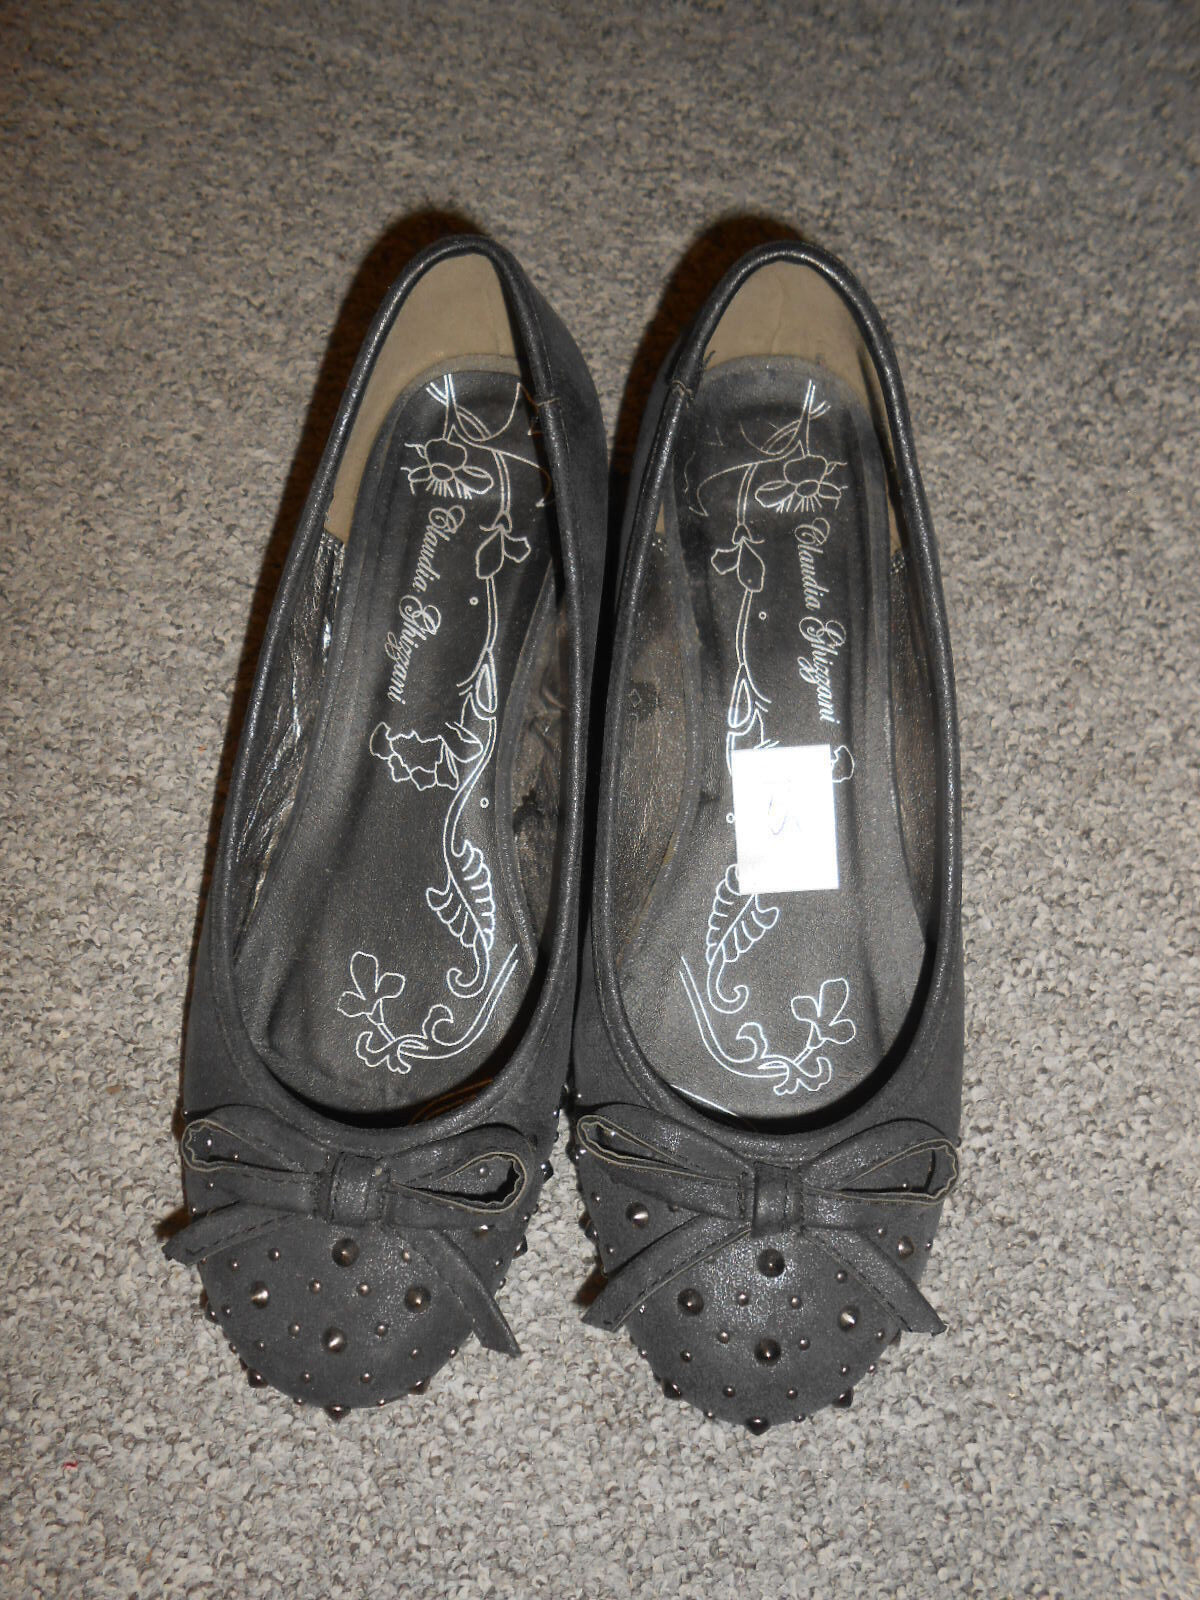 125 Zapatos 55 CLAUDIA GHIZZANI mujer Zapatos 125 de tacón Bailarinas Cuña GRIS b0443b